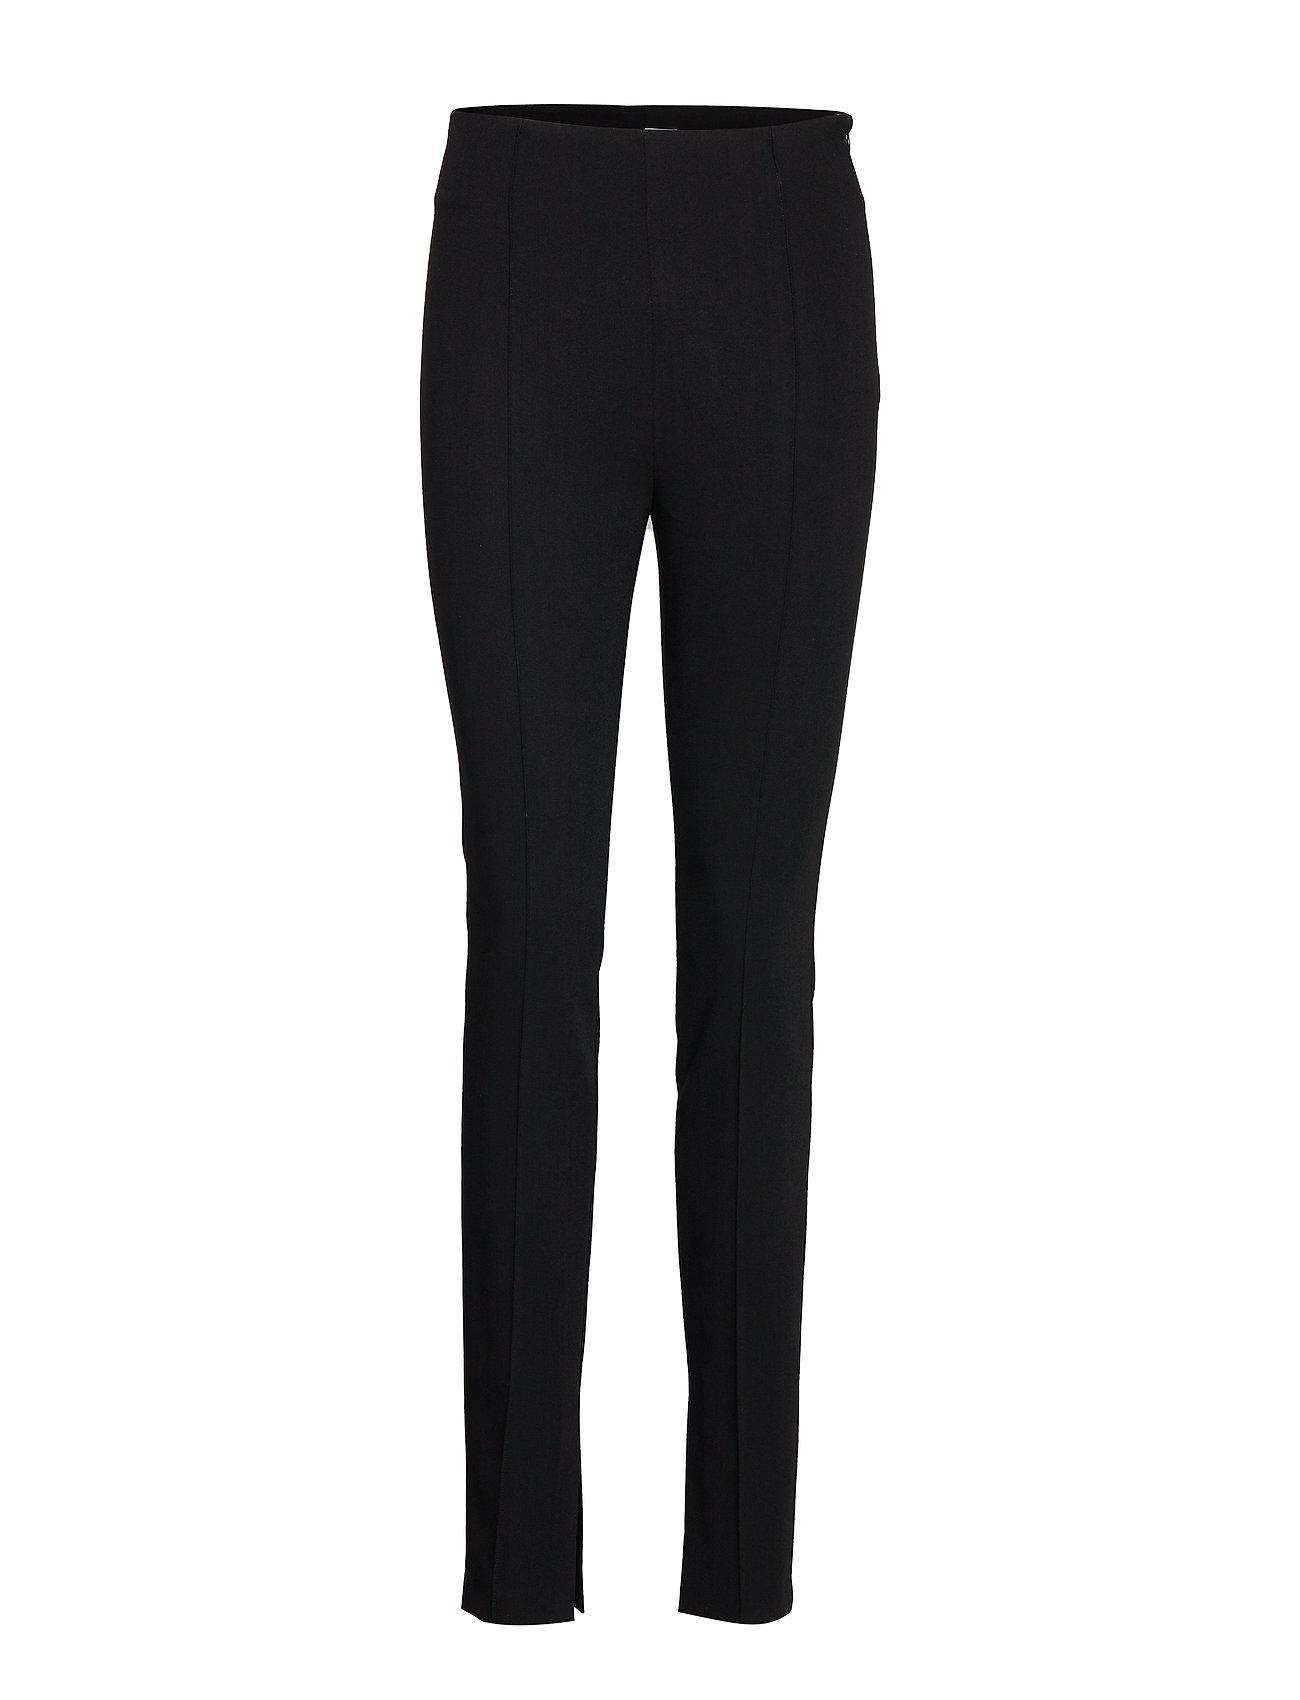 Image of Zalana Smalle Bukser Skinny Pants Sort TOTÊME (3220882125)